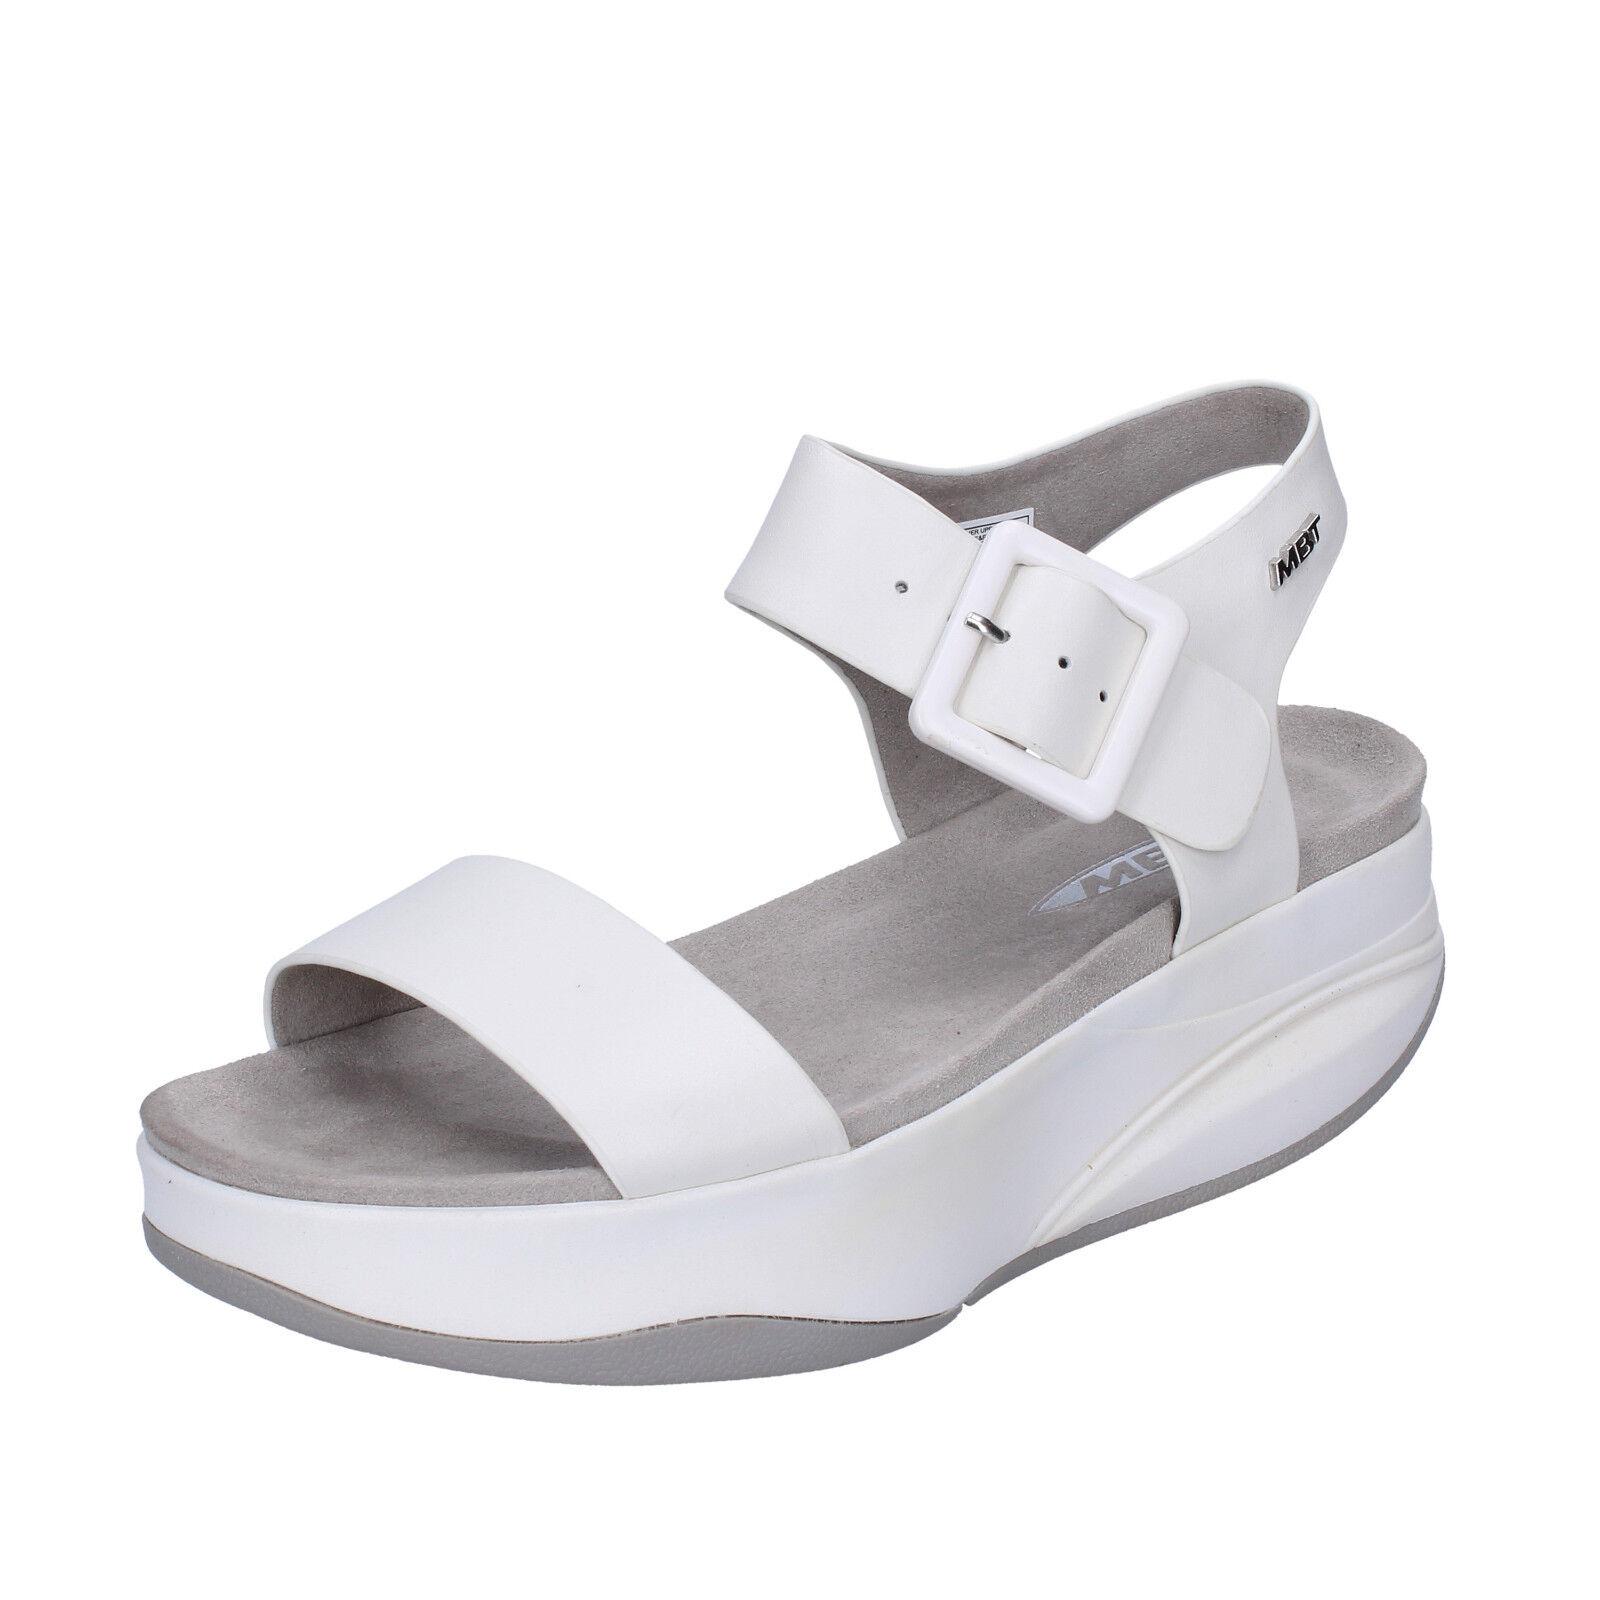 Femme Chaussures MBT Manni 7 (UE 41) Sandales en cuir blanc Performance BX884-41